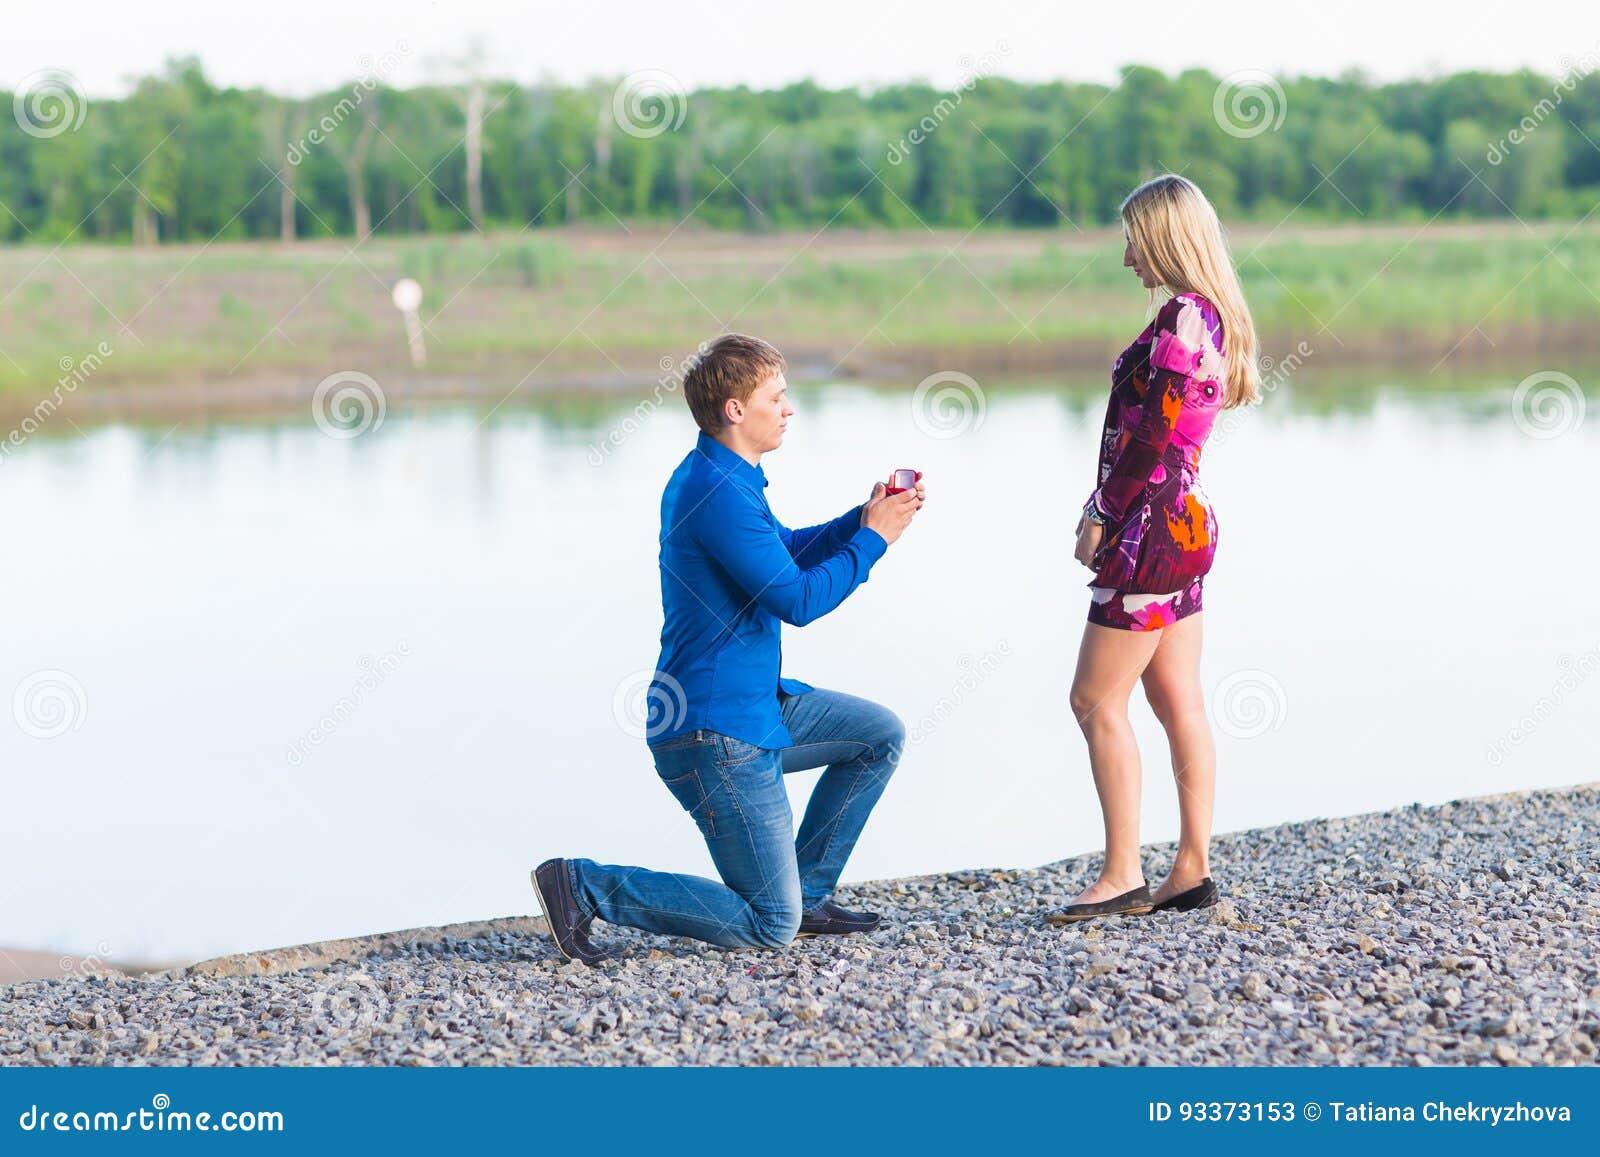 Dating holidays